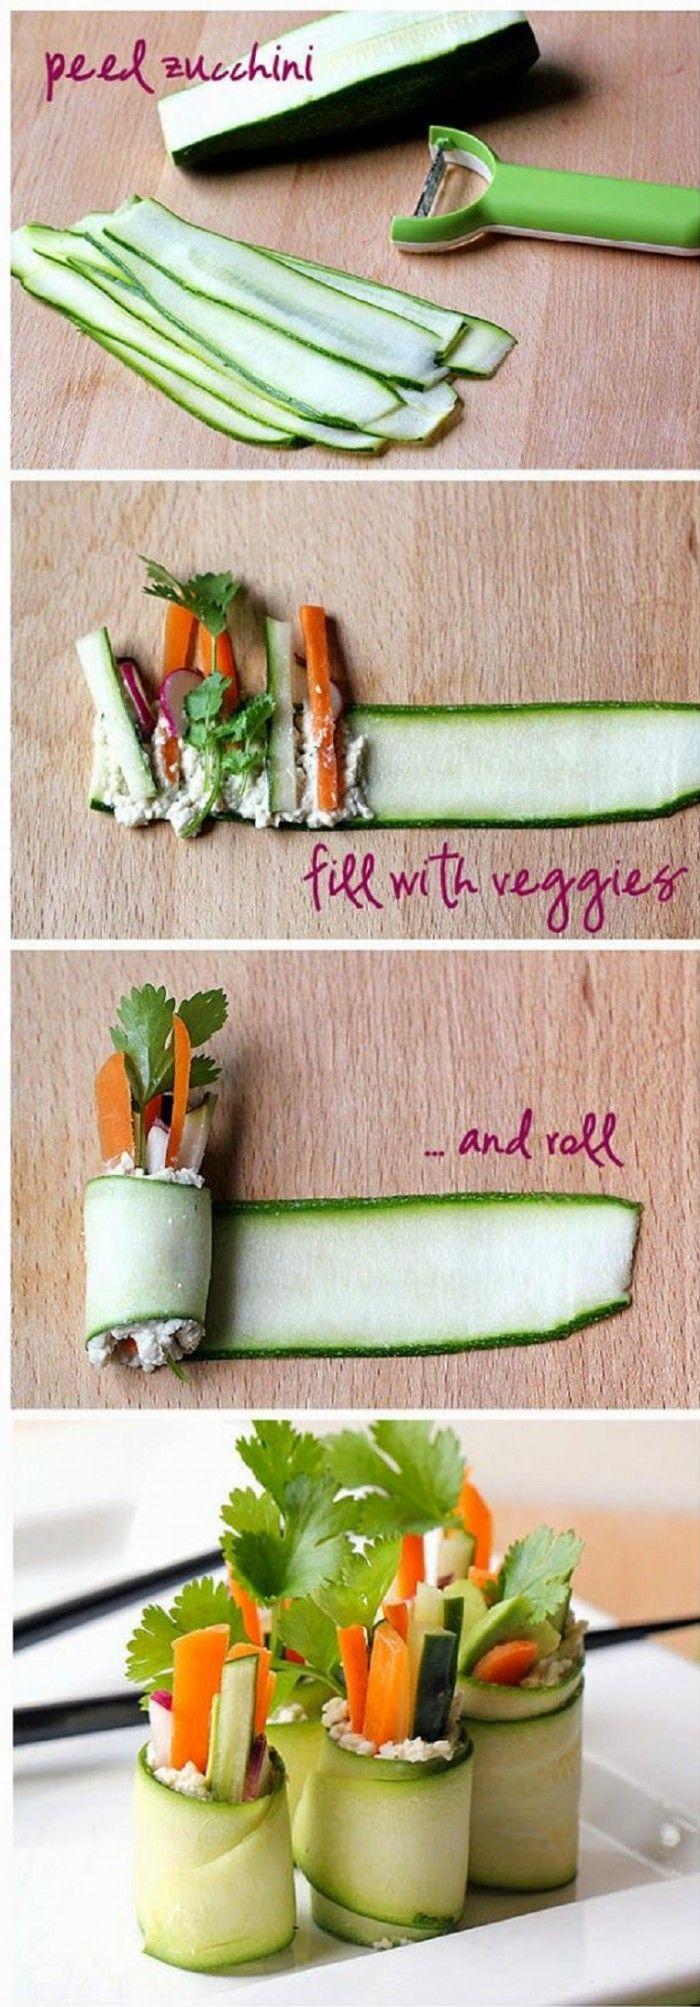 Gemüse Sushi Rollen mit Zucchini, Karotten, Gurke, Rettich, Avocado, Koriander und Cashewnuss-Paste